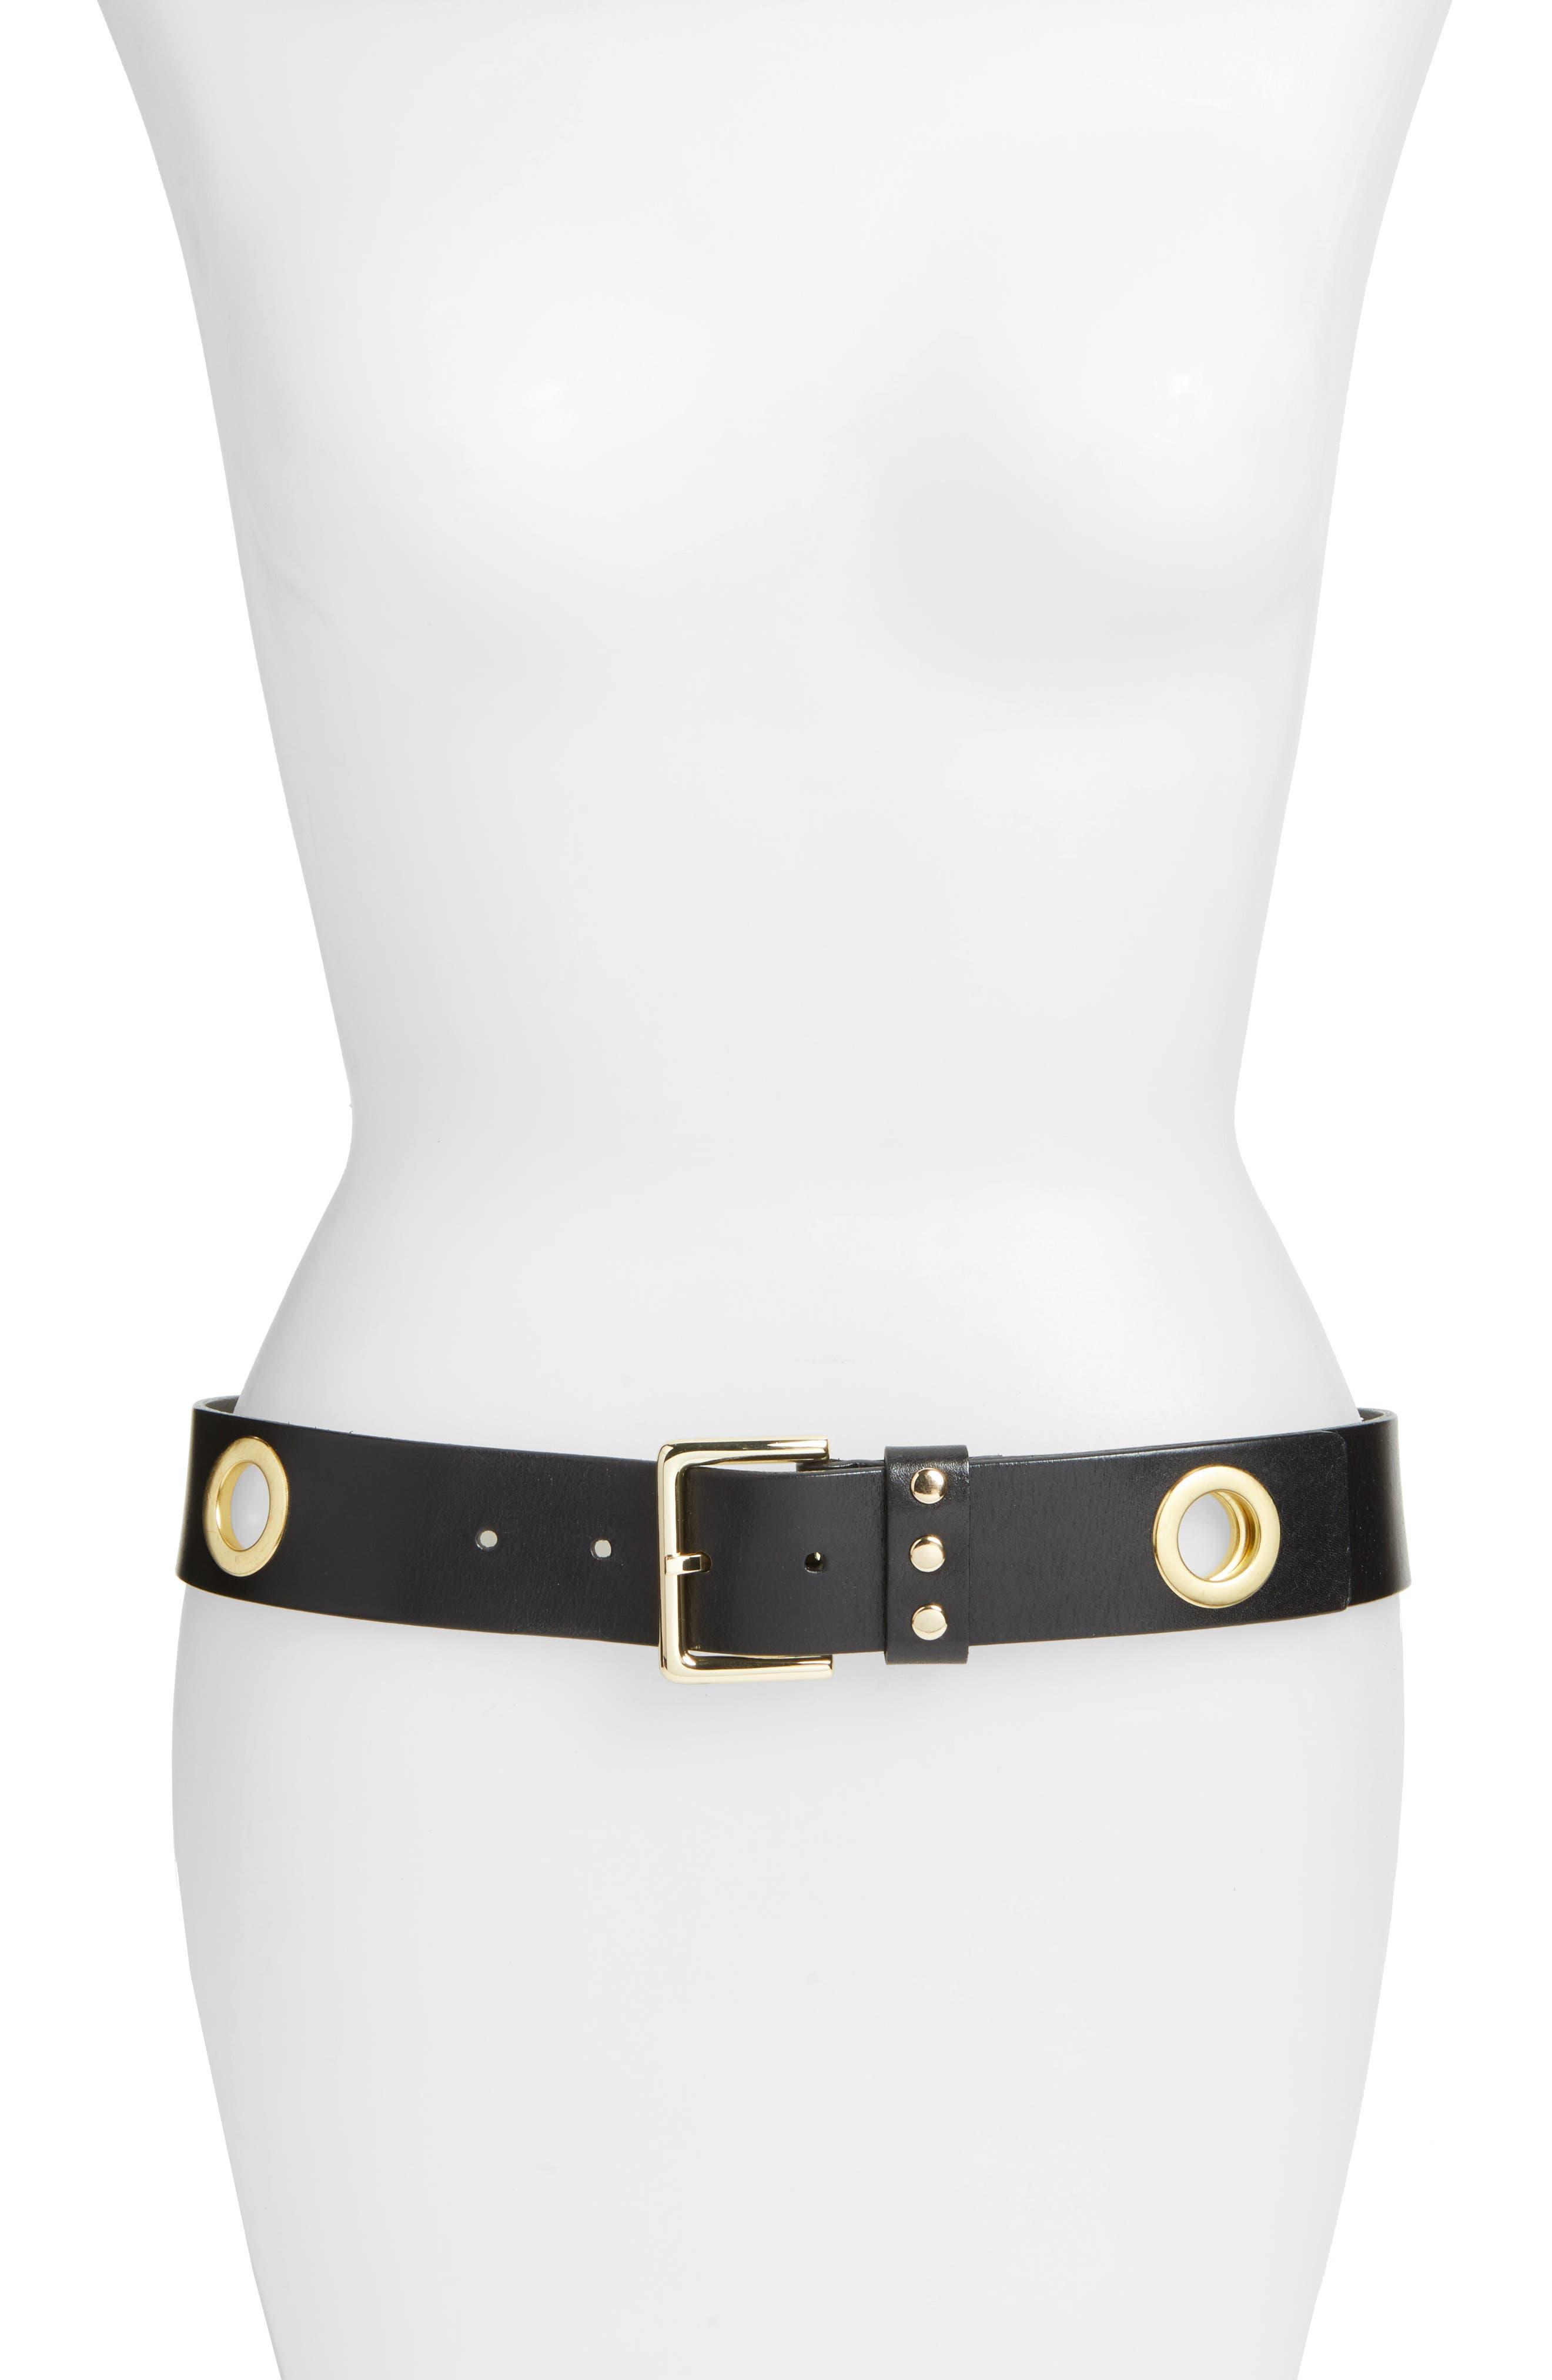 Alternate Image 1 Selected - Rebecca Minkoff Elle Grommet Leather Belt